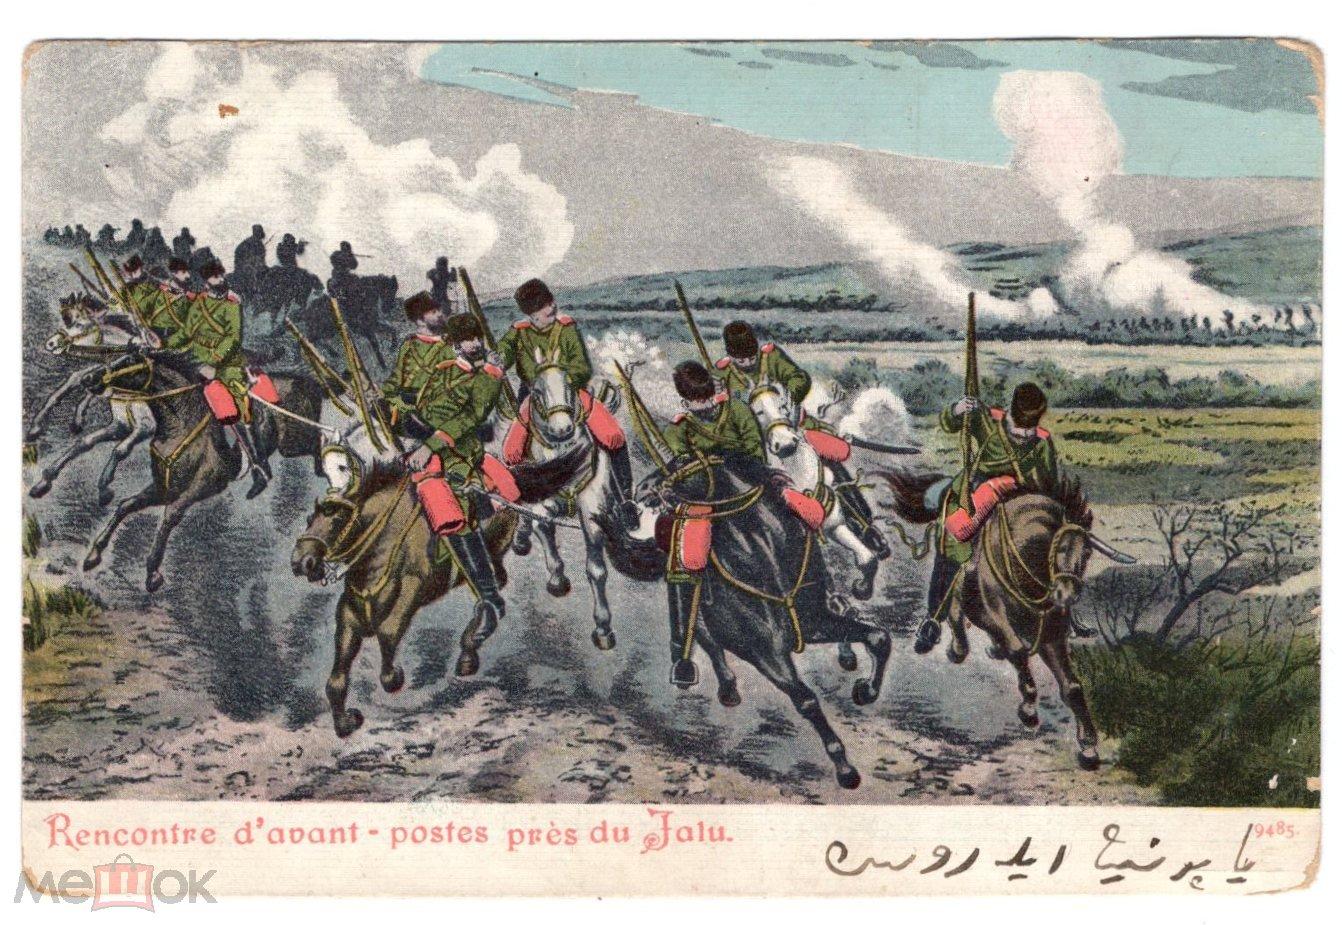 Открытки картинки, русско-японская война 1904-1905 на открытках